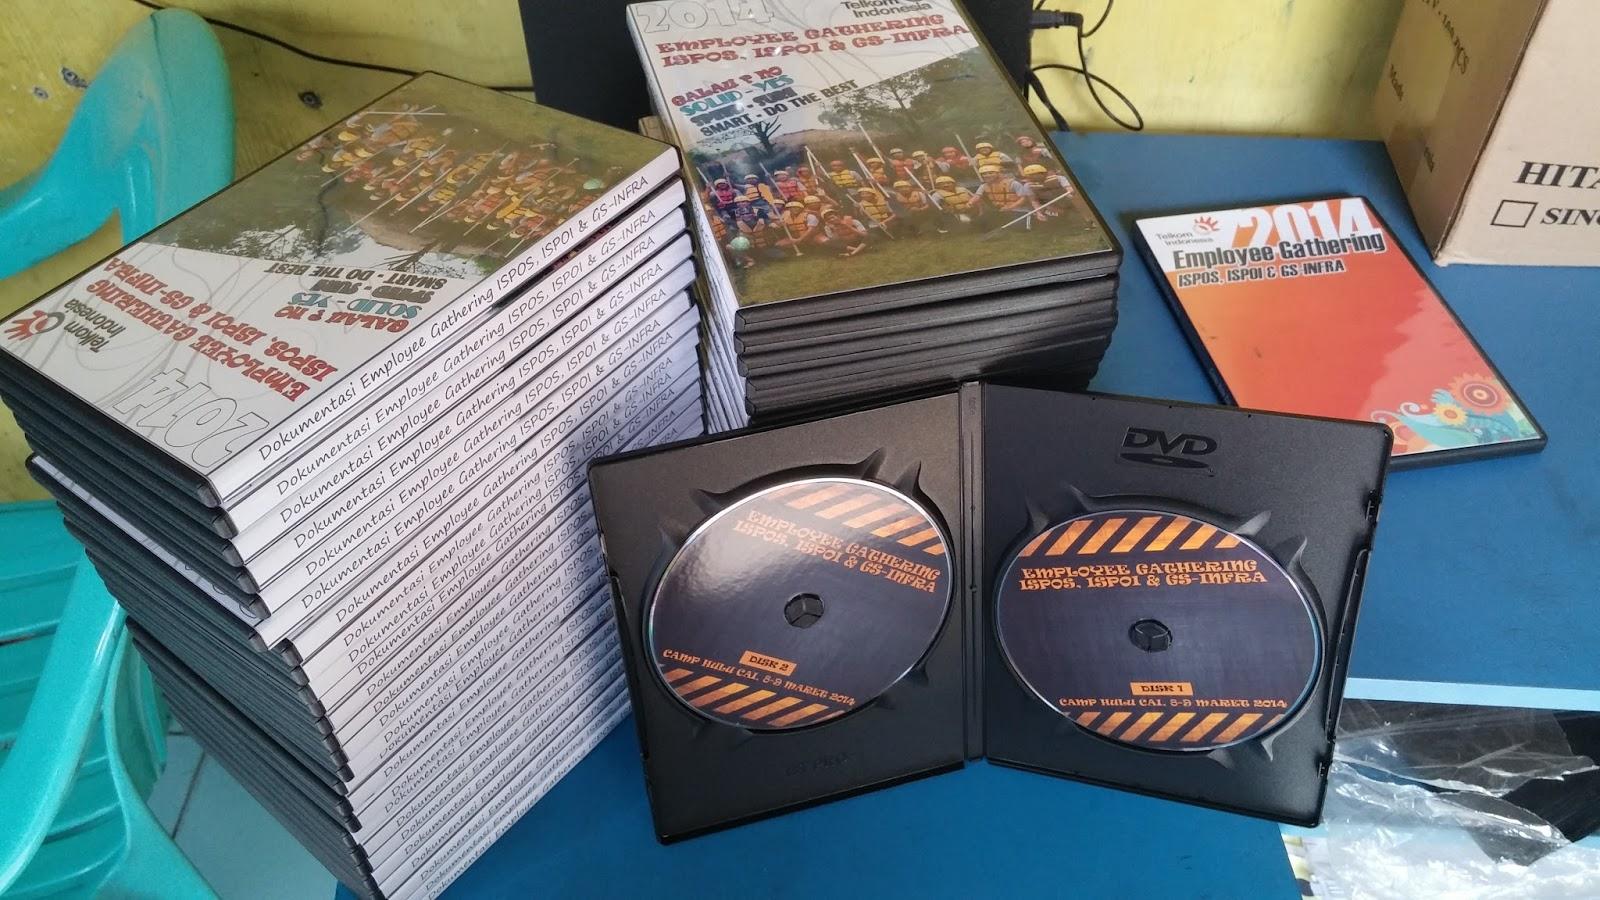 Jasa Cetak Dvd di DKI Jakarta Kota Jakarta Timur Jatinegara Cipinang Cempedak